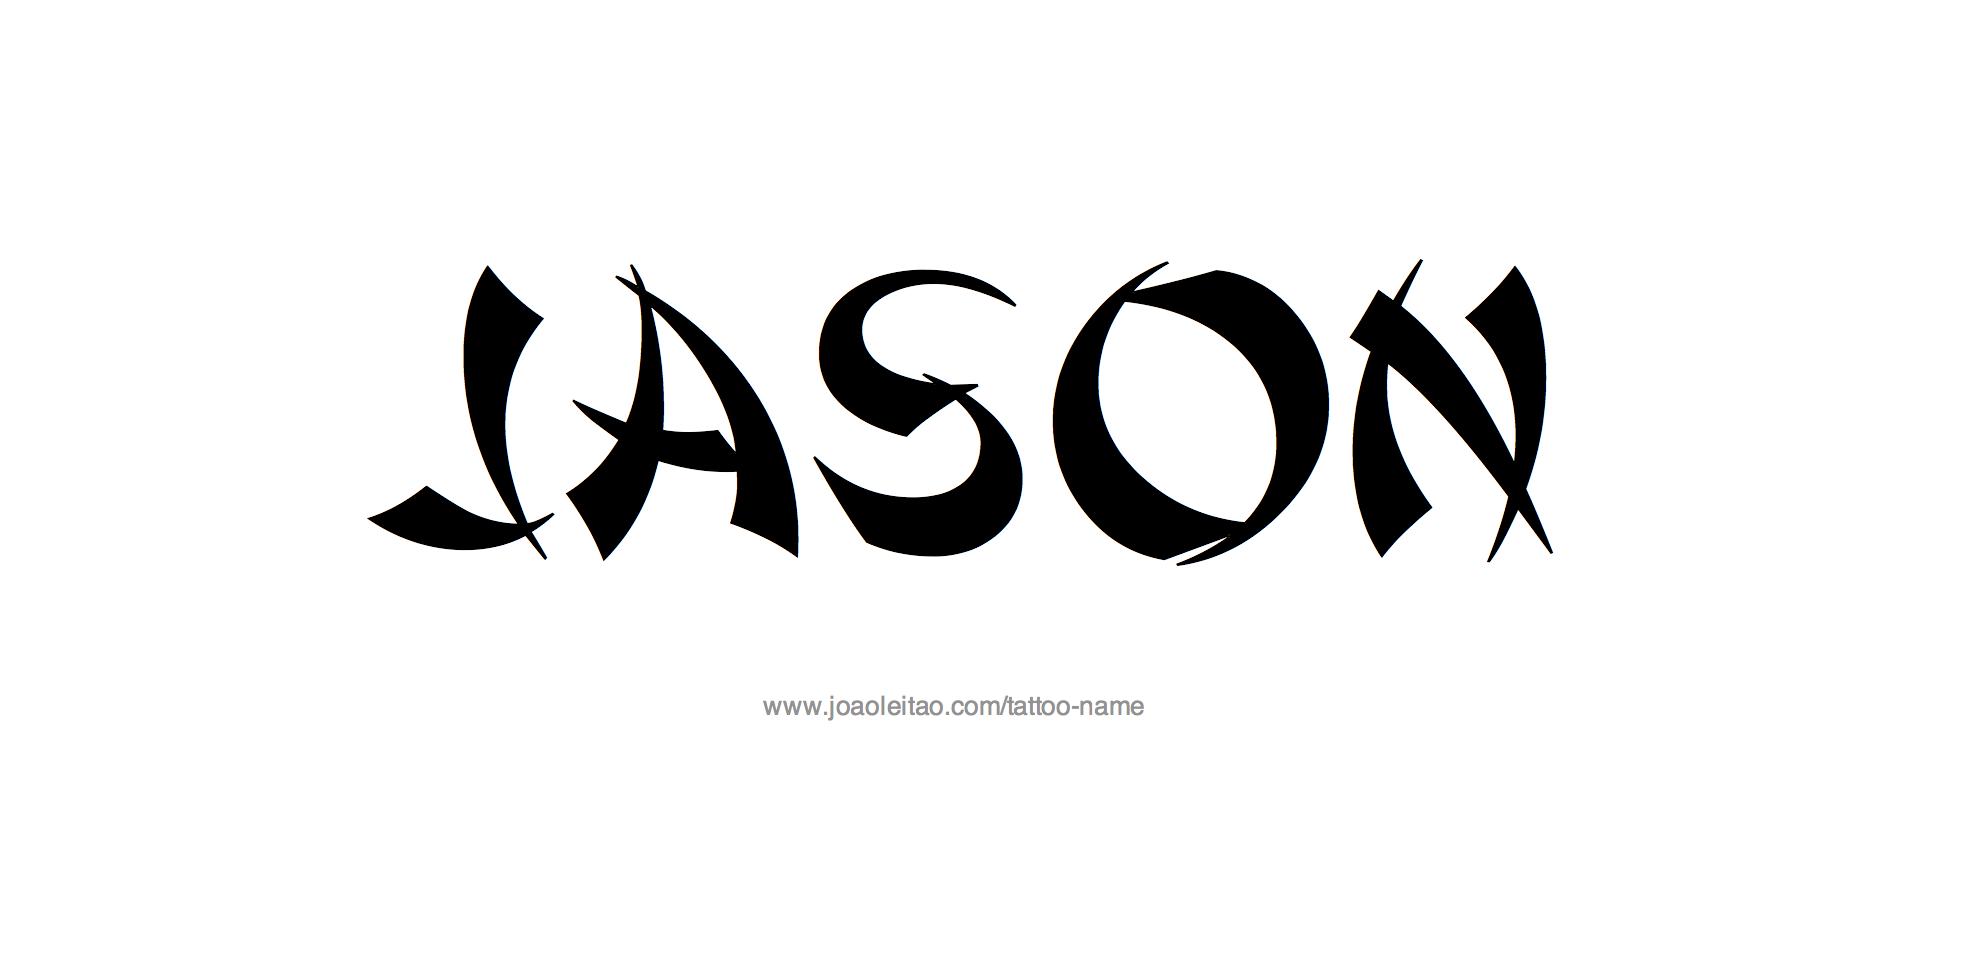 Jason Name Tattoo Designs Name Tattoos Name Tattoo Name Tattoo Designs